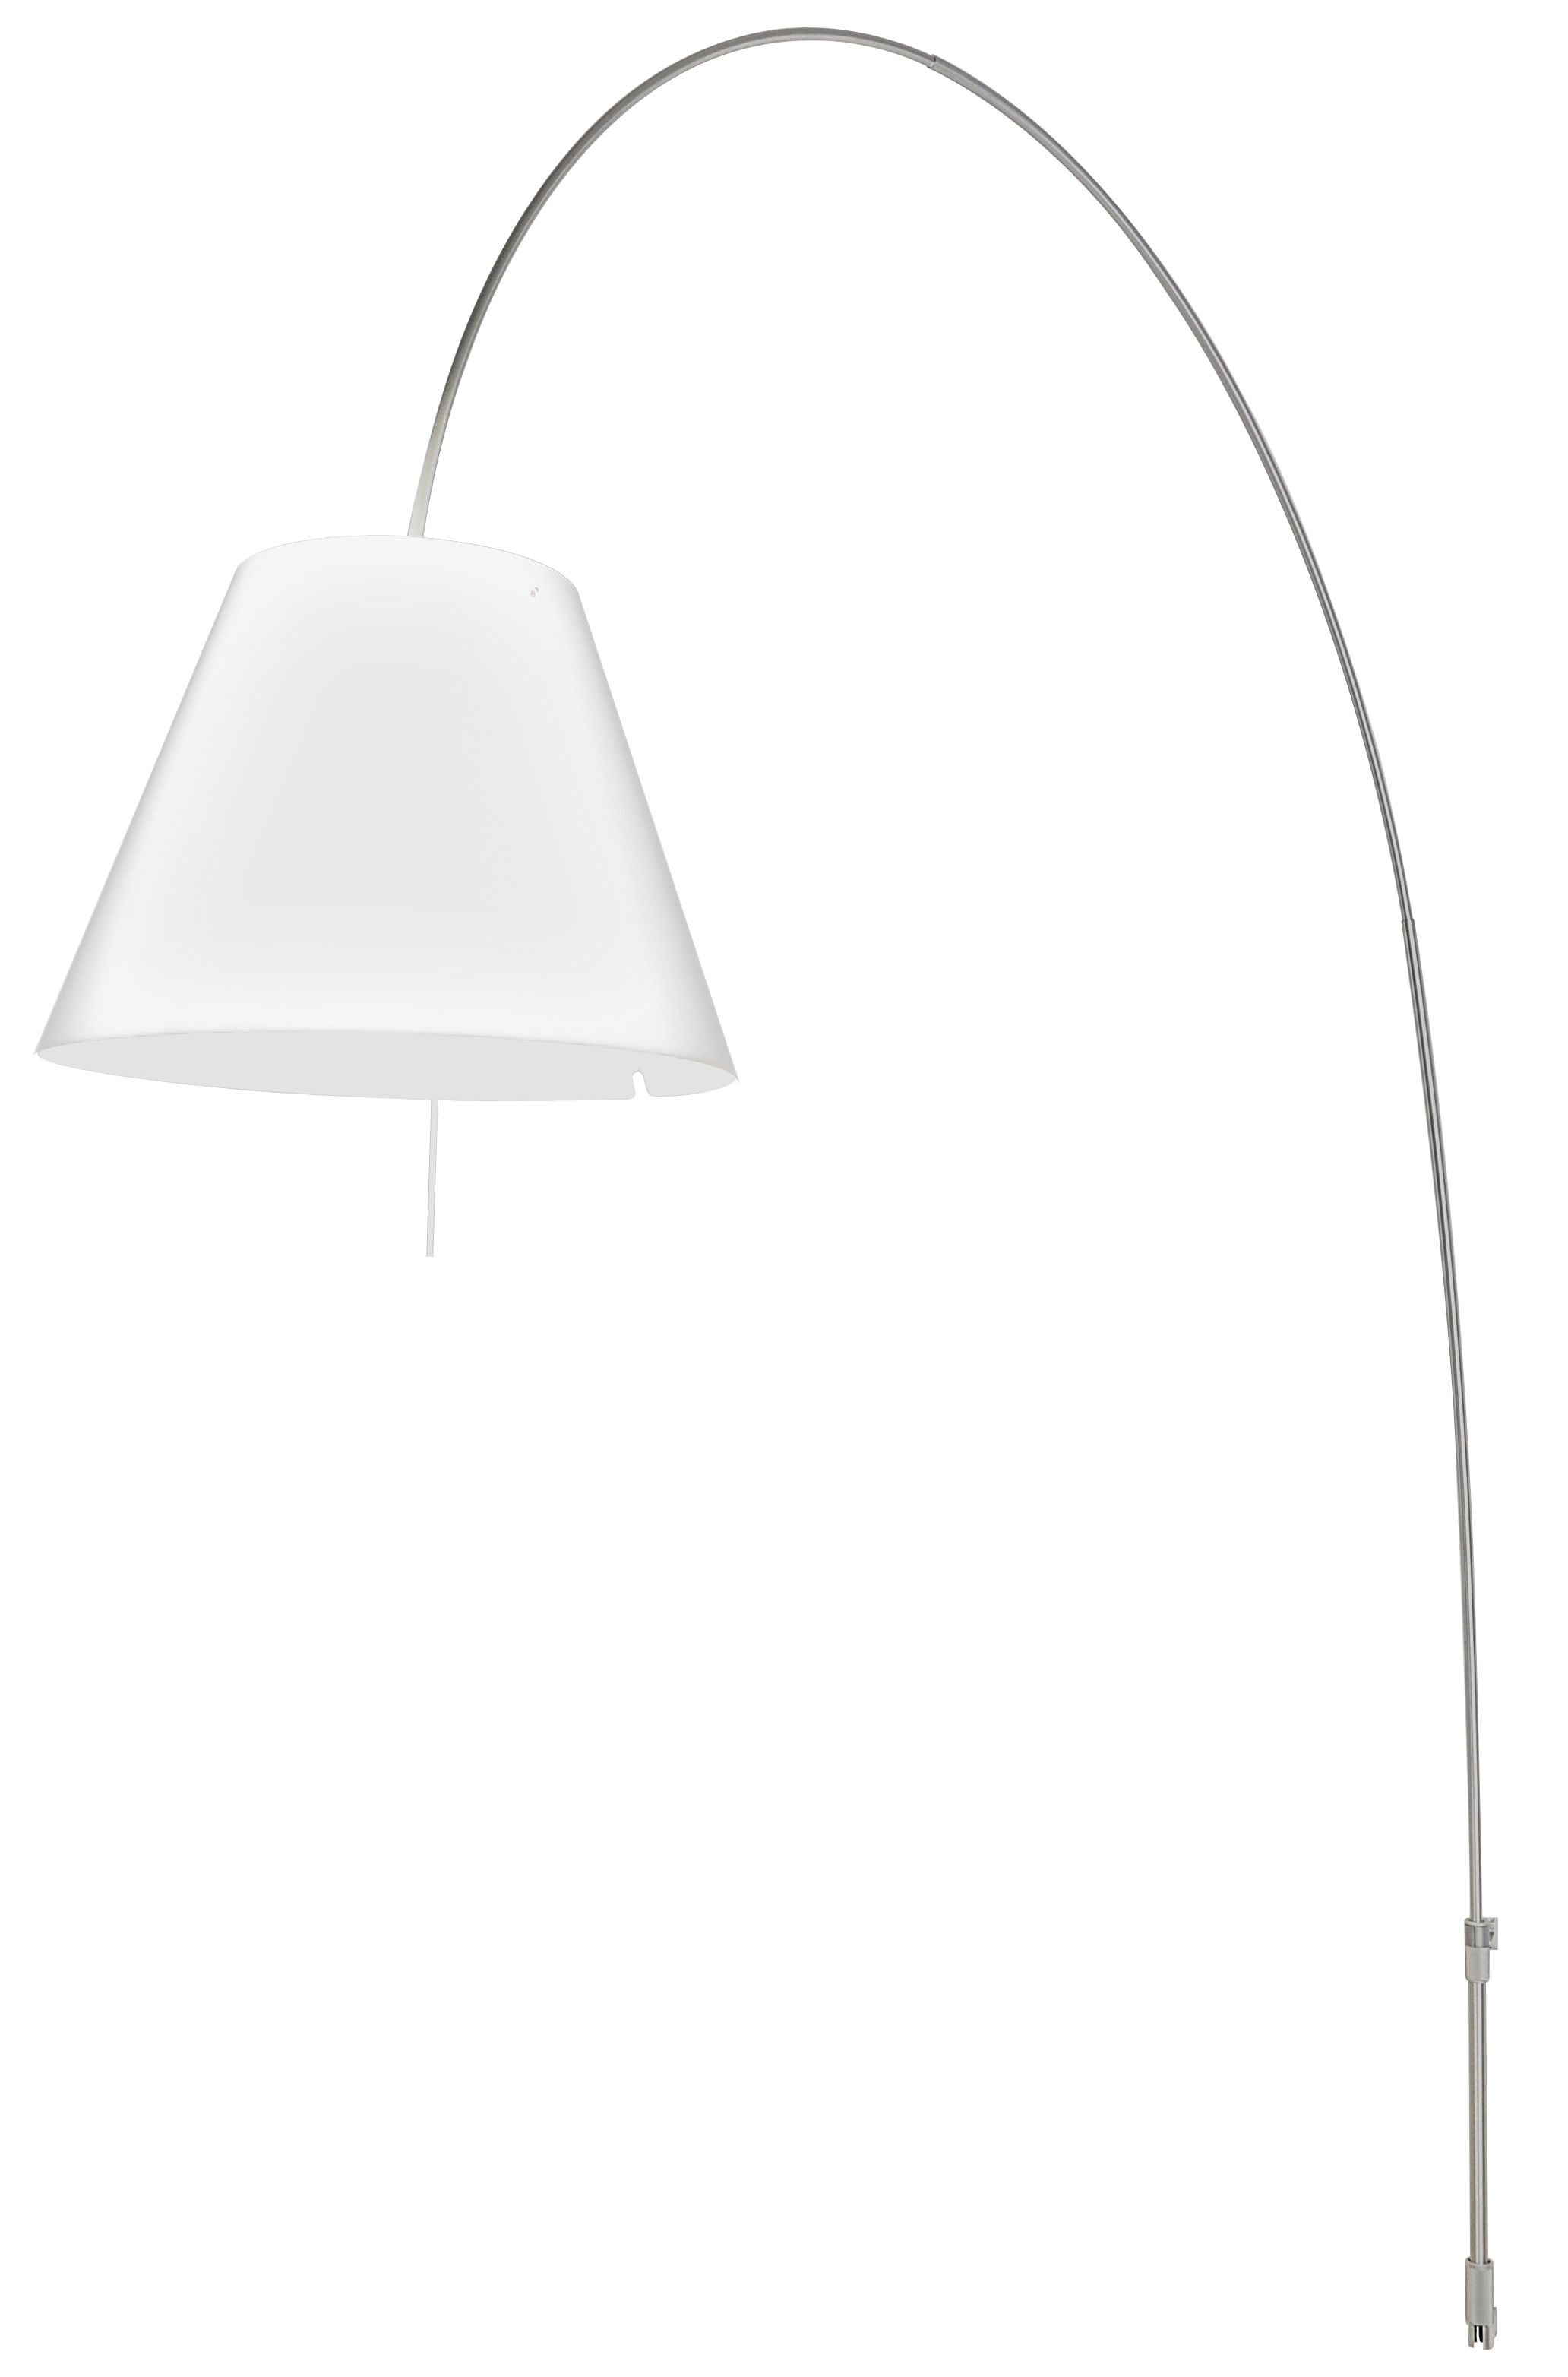 Leuchten - Stehleuchten - Lady Costanza Wandleuchte mit Stromkabel Wandbefestigung - Luceplan - Lampenschirm rot - schwarz - Aluminium, Polykarbonat